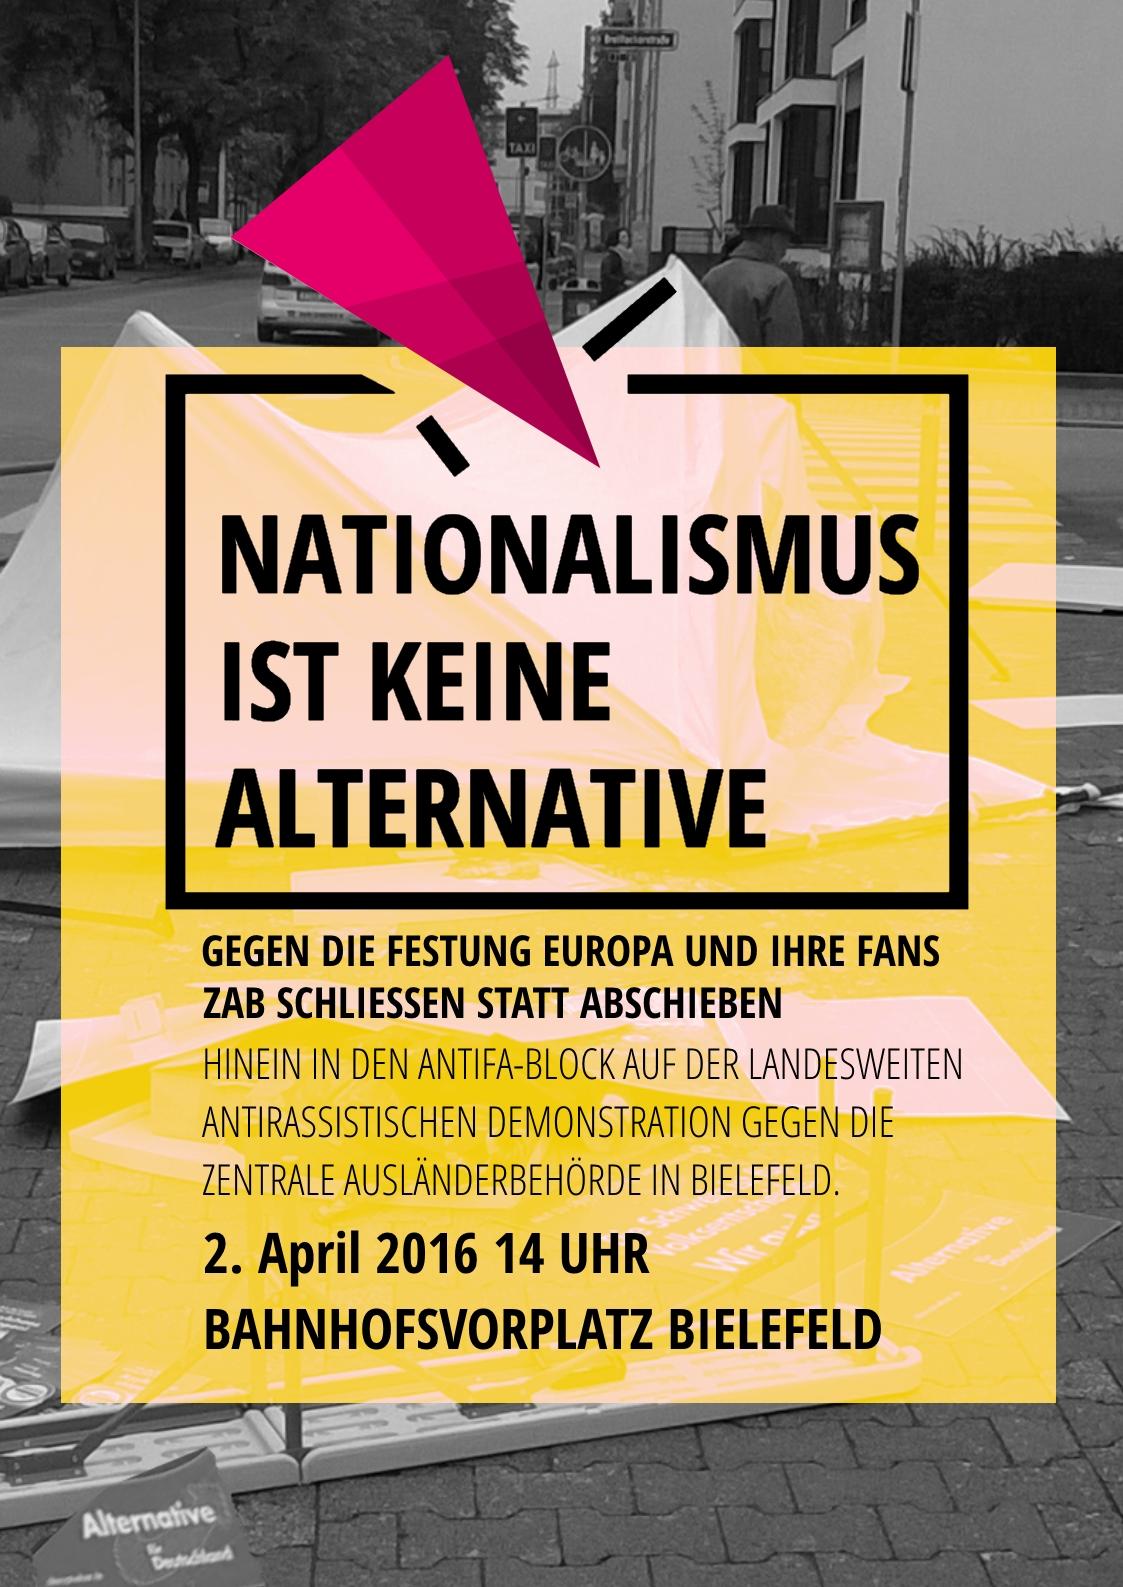 """""""ZAB schließen statt abschieben! - Bewegungsfreiheit statt Abschiebelager! Jeder Fluchtgrund ist legitim!"""" - Gemeinsam nach Bielefeld!"""